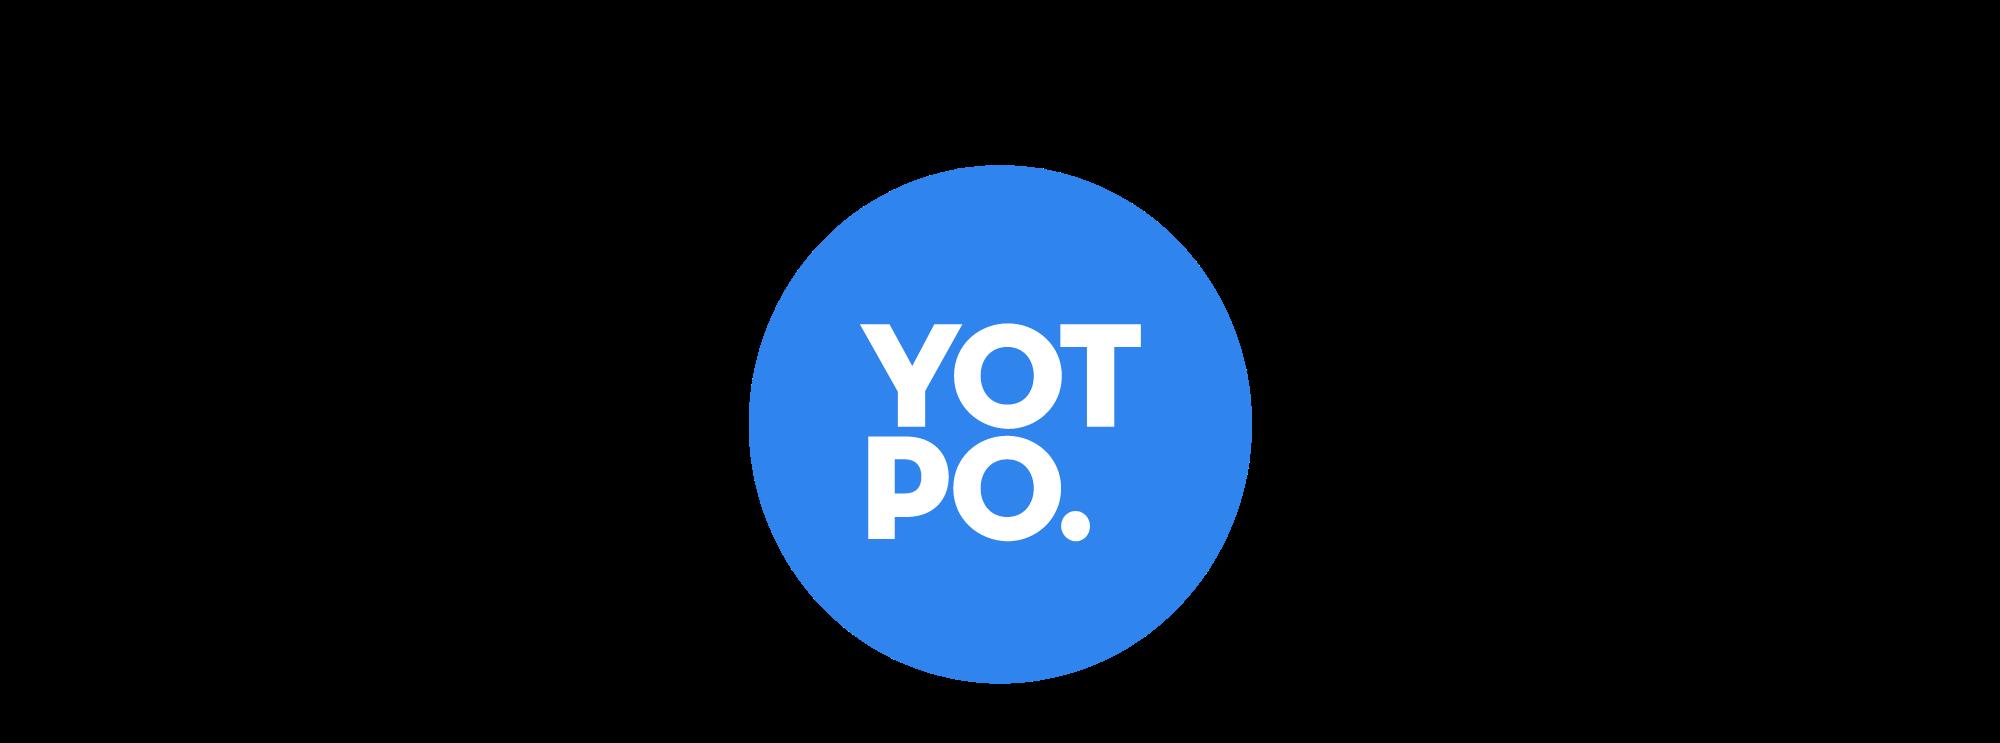 Yotpo and Re:amaze